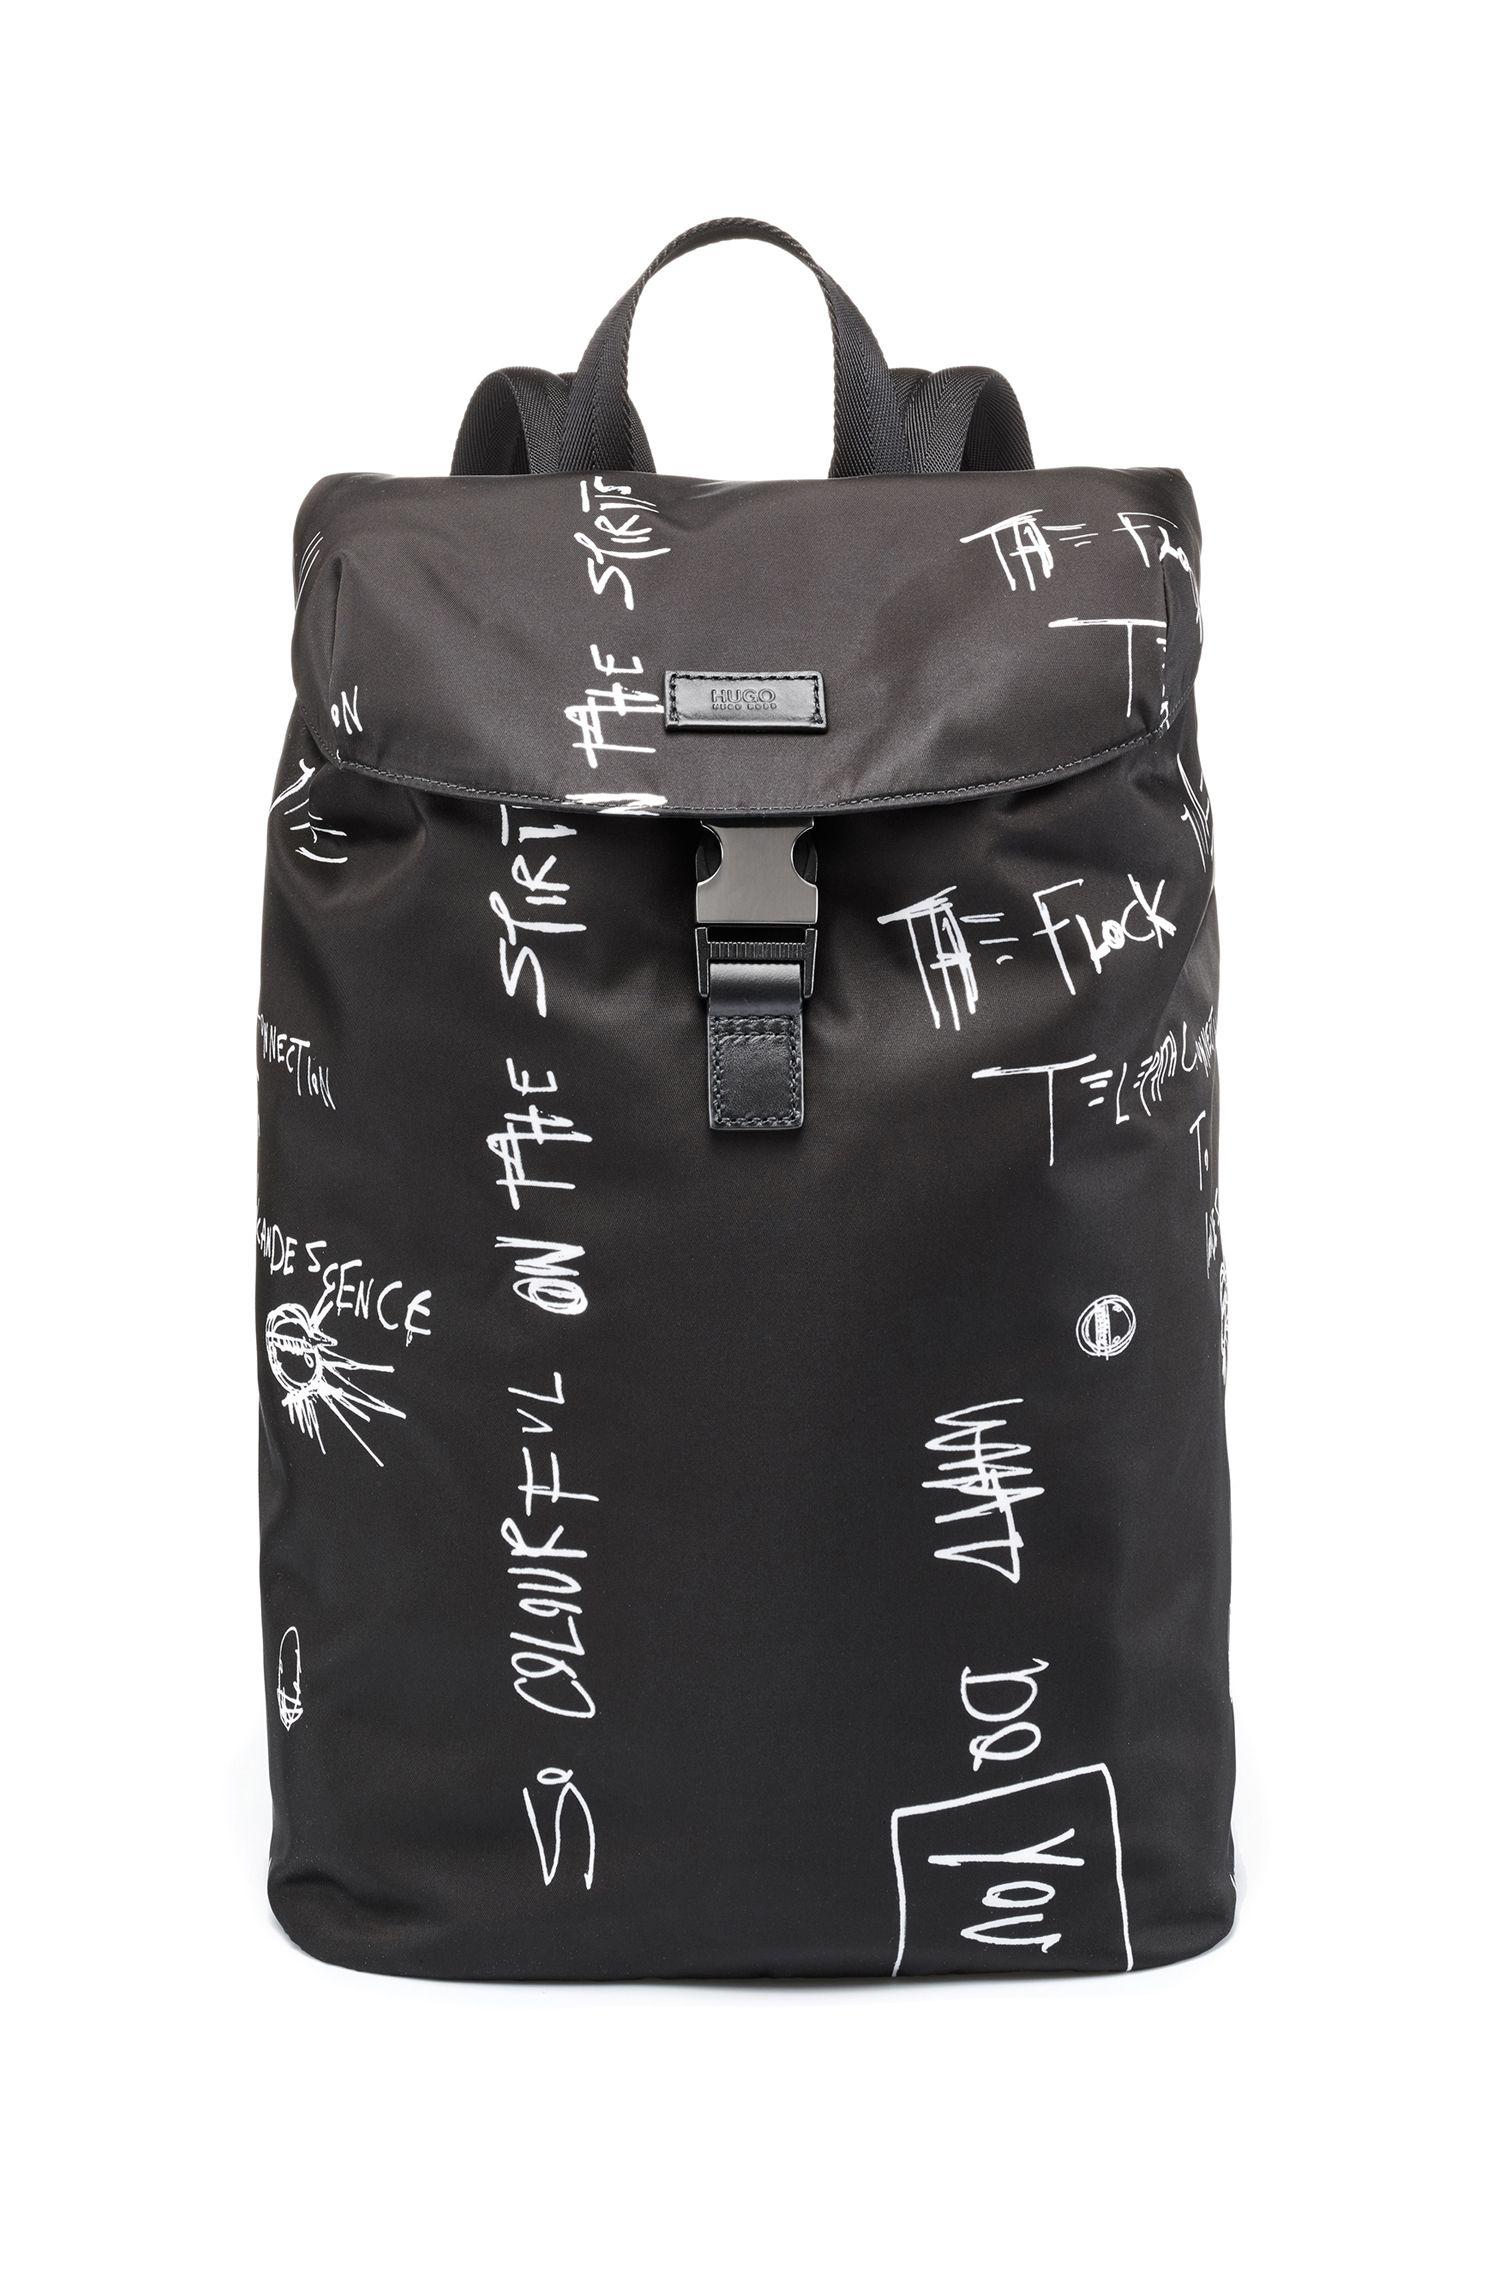 Rugzak met vak voor laptop, van gabardine uit technisch materiaal met graffiti-print